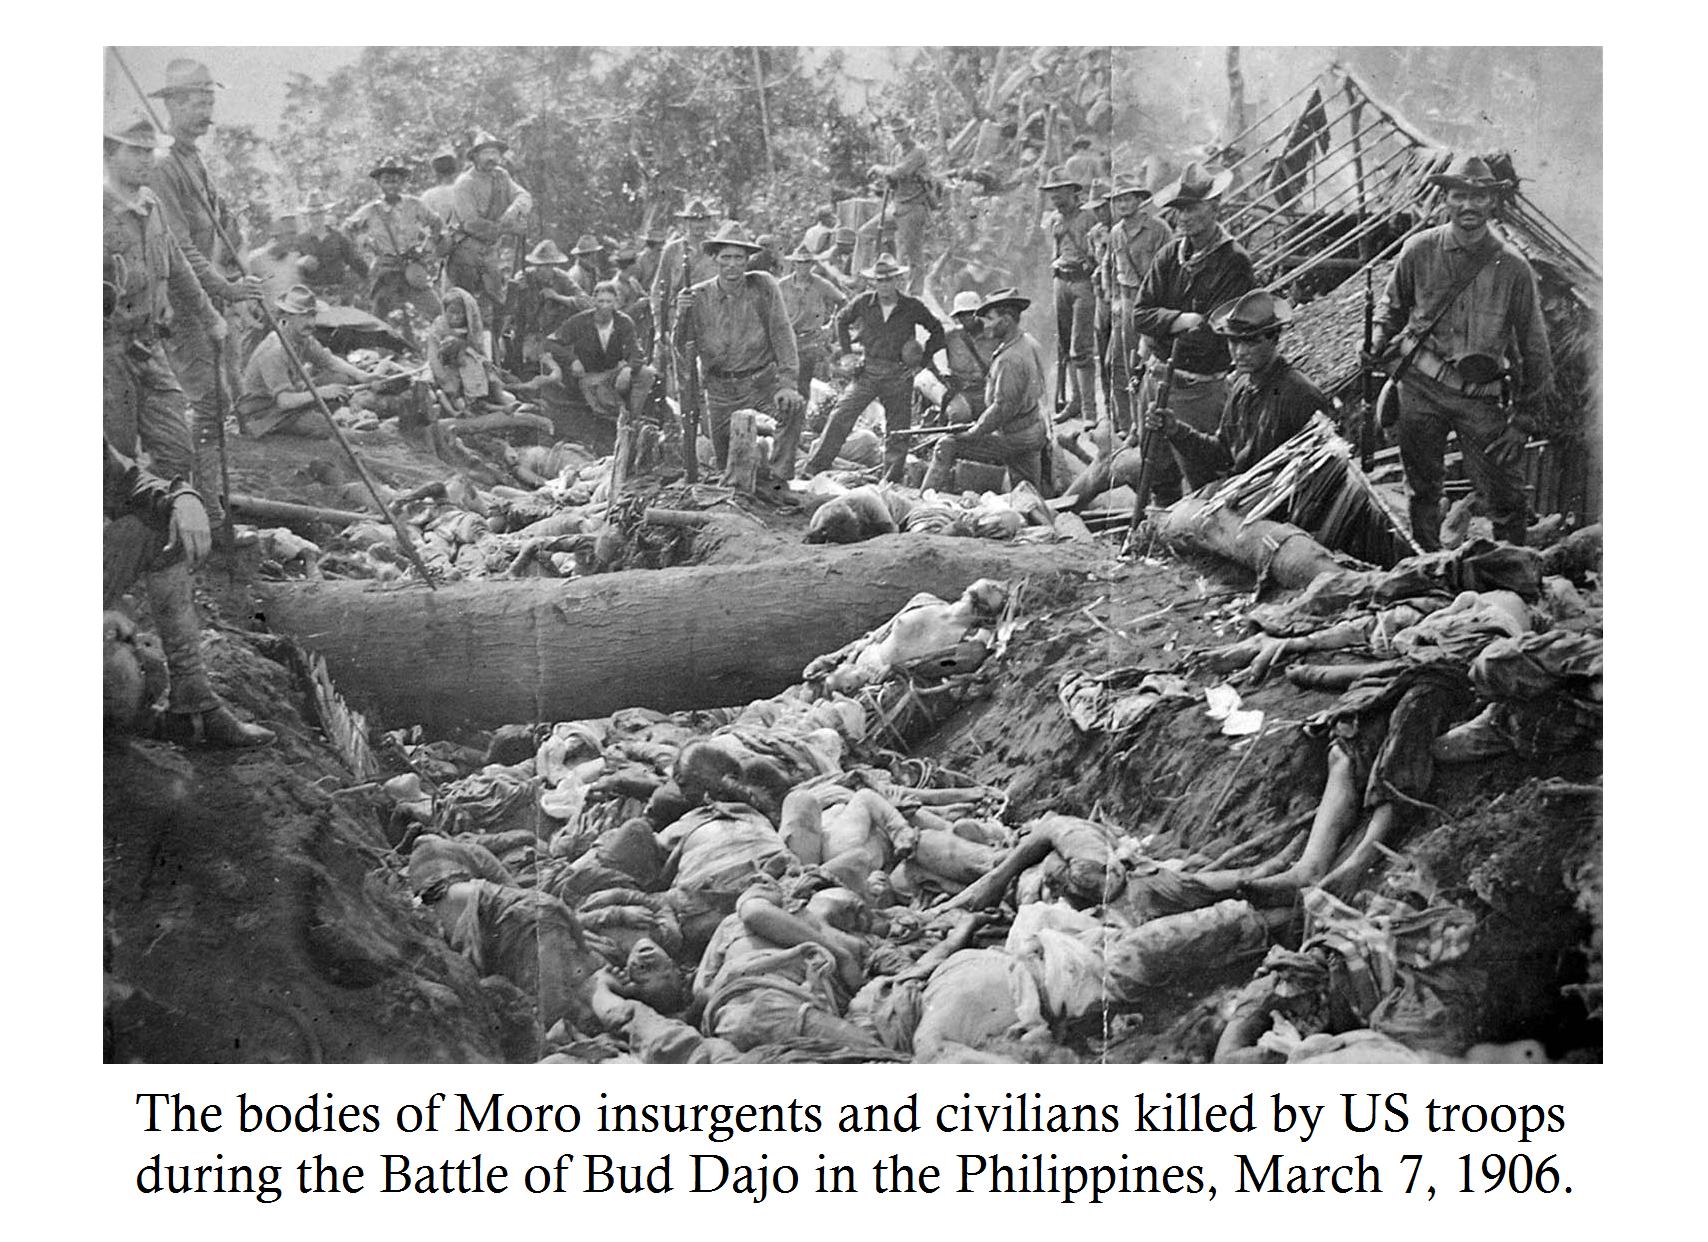 battle-of-bud-dajo-march-7-1906